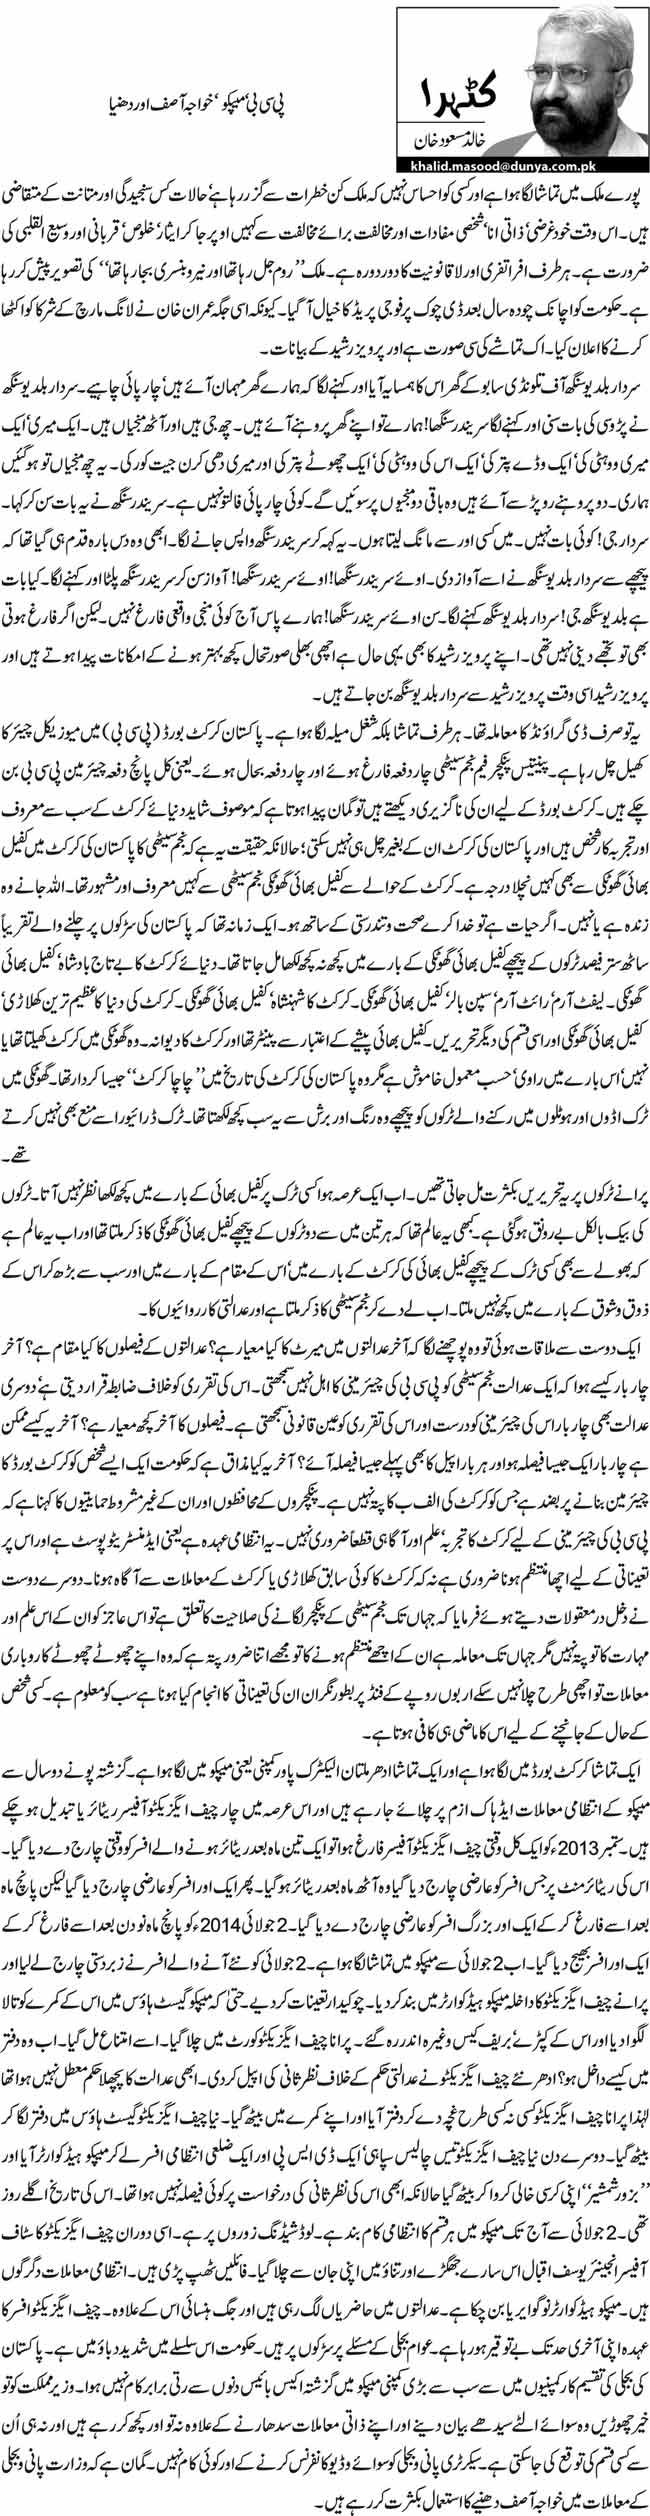 پی سی بی' میپکو' خواجہ آصف اور دھنیا